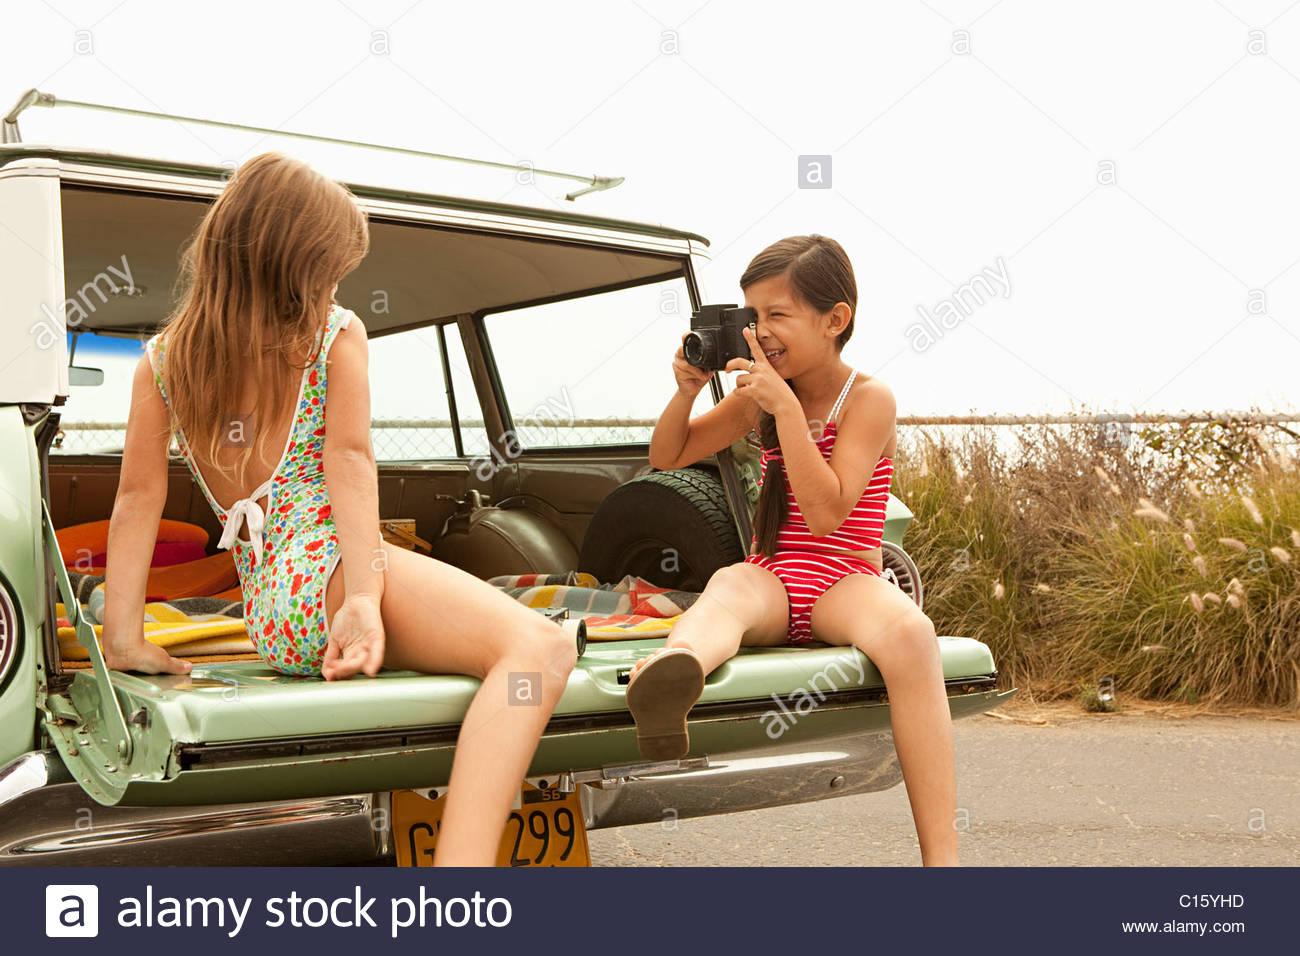 Dos niñas sentadas en coche Break tomando la fotografía Imagen De Stock